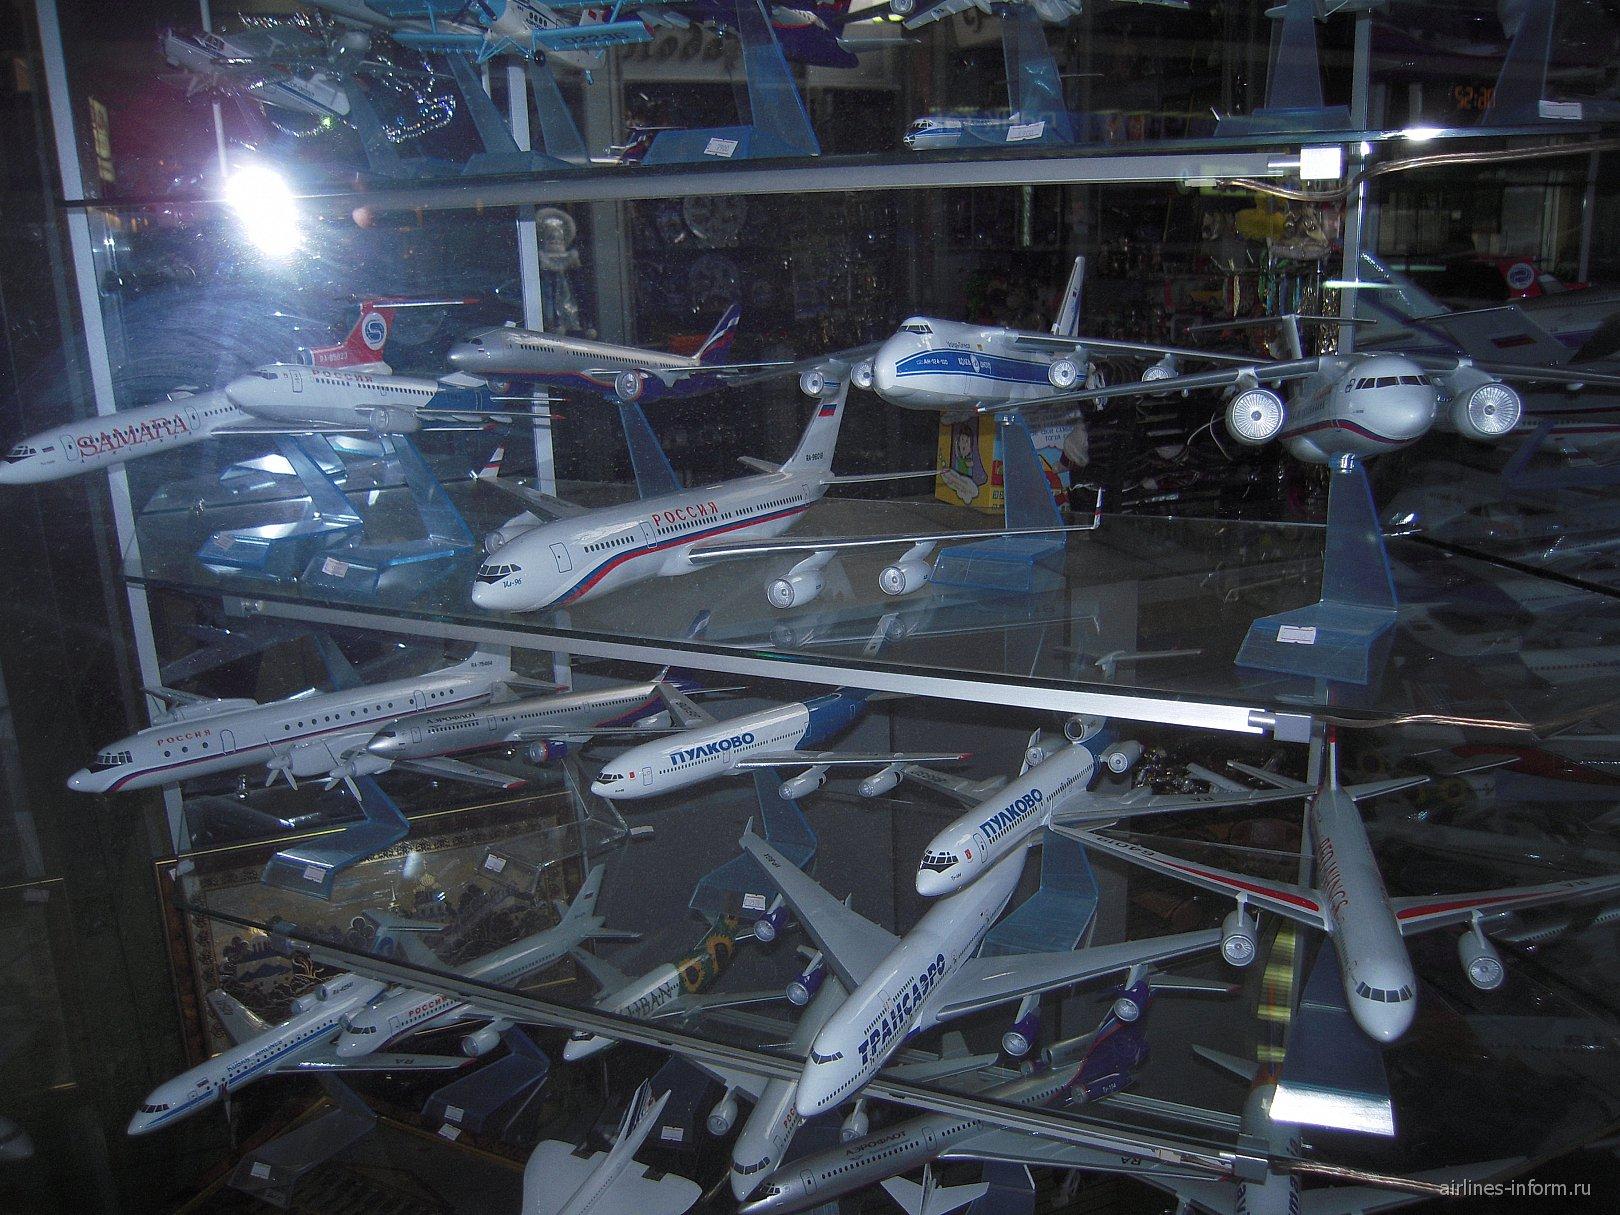 Модели самолетов в аэропорту Пулково